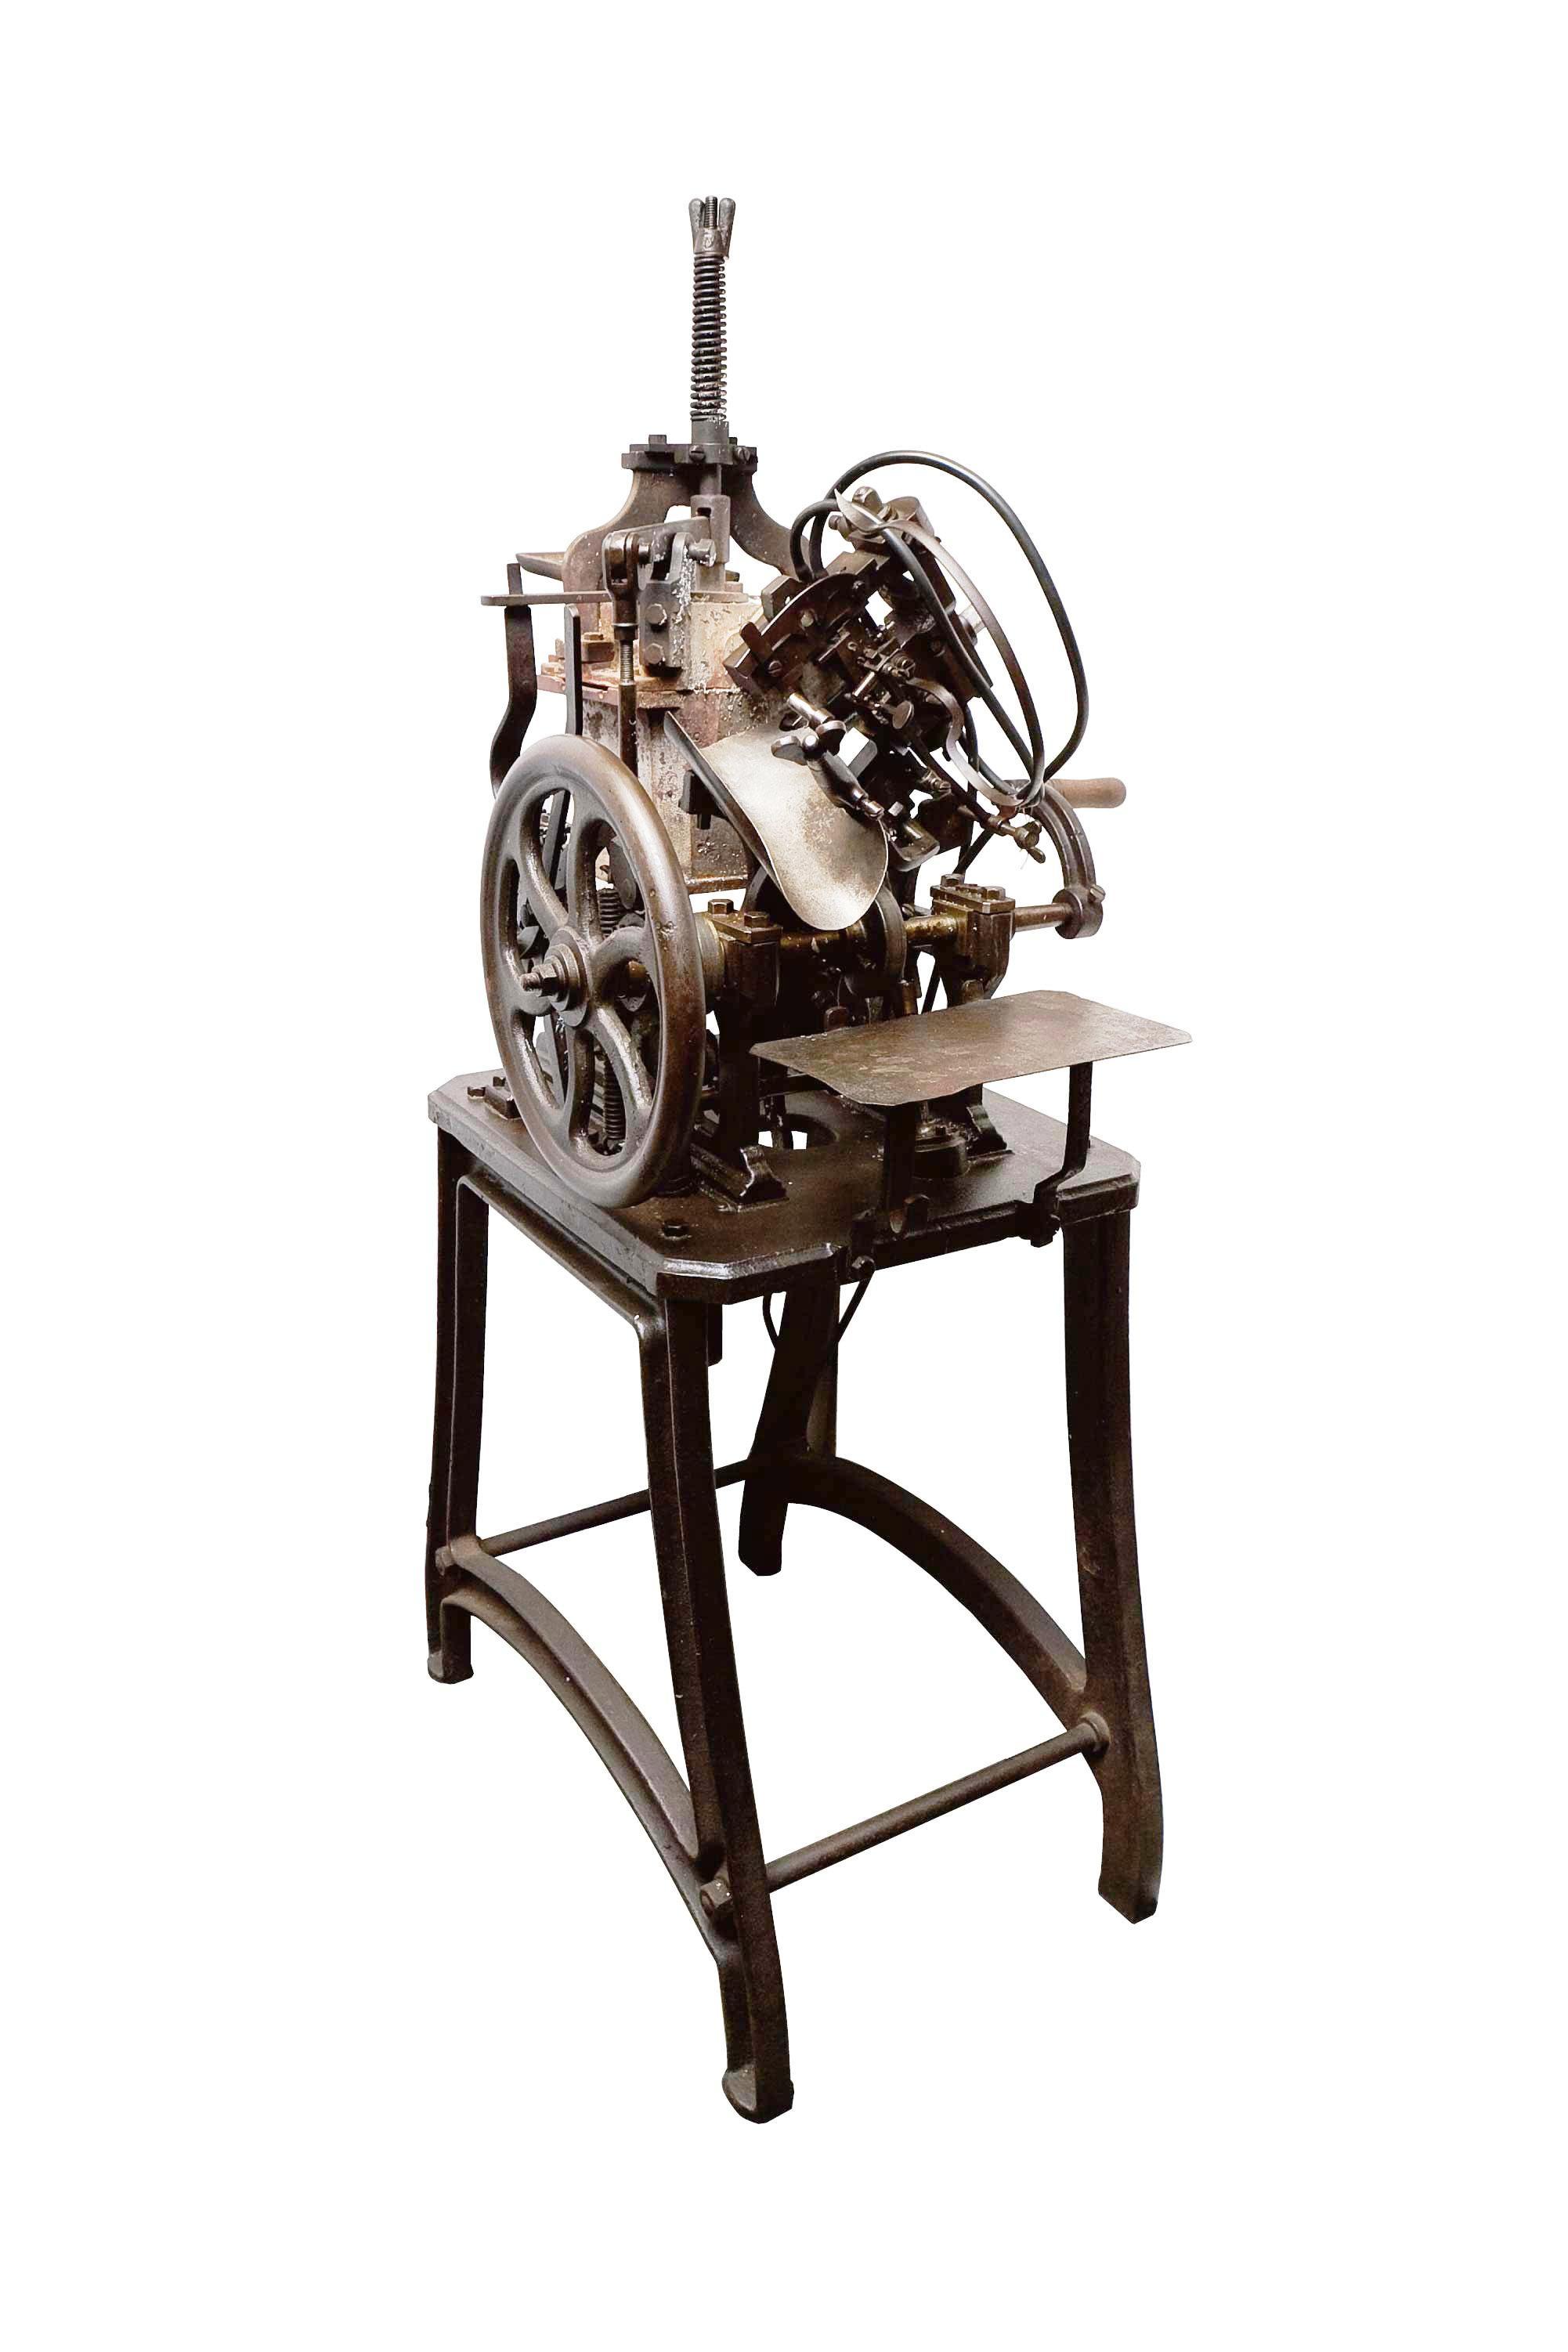 ブルース型活字鋳造機